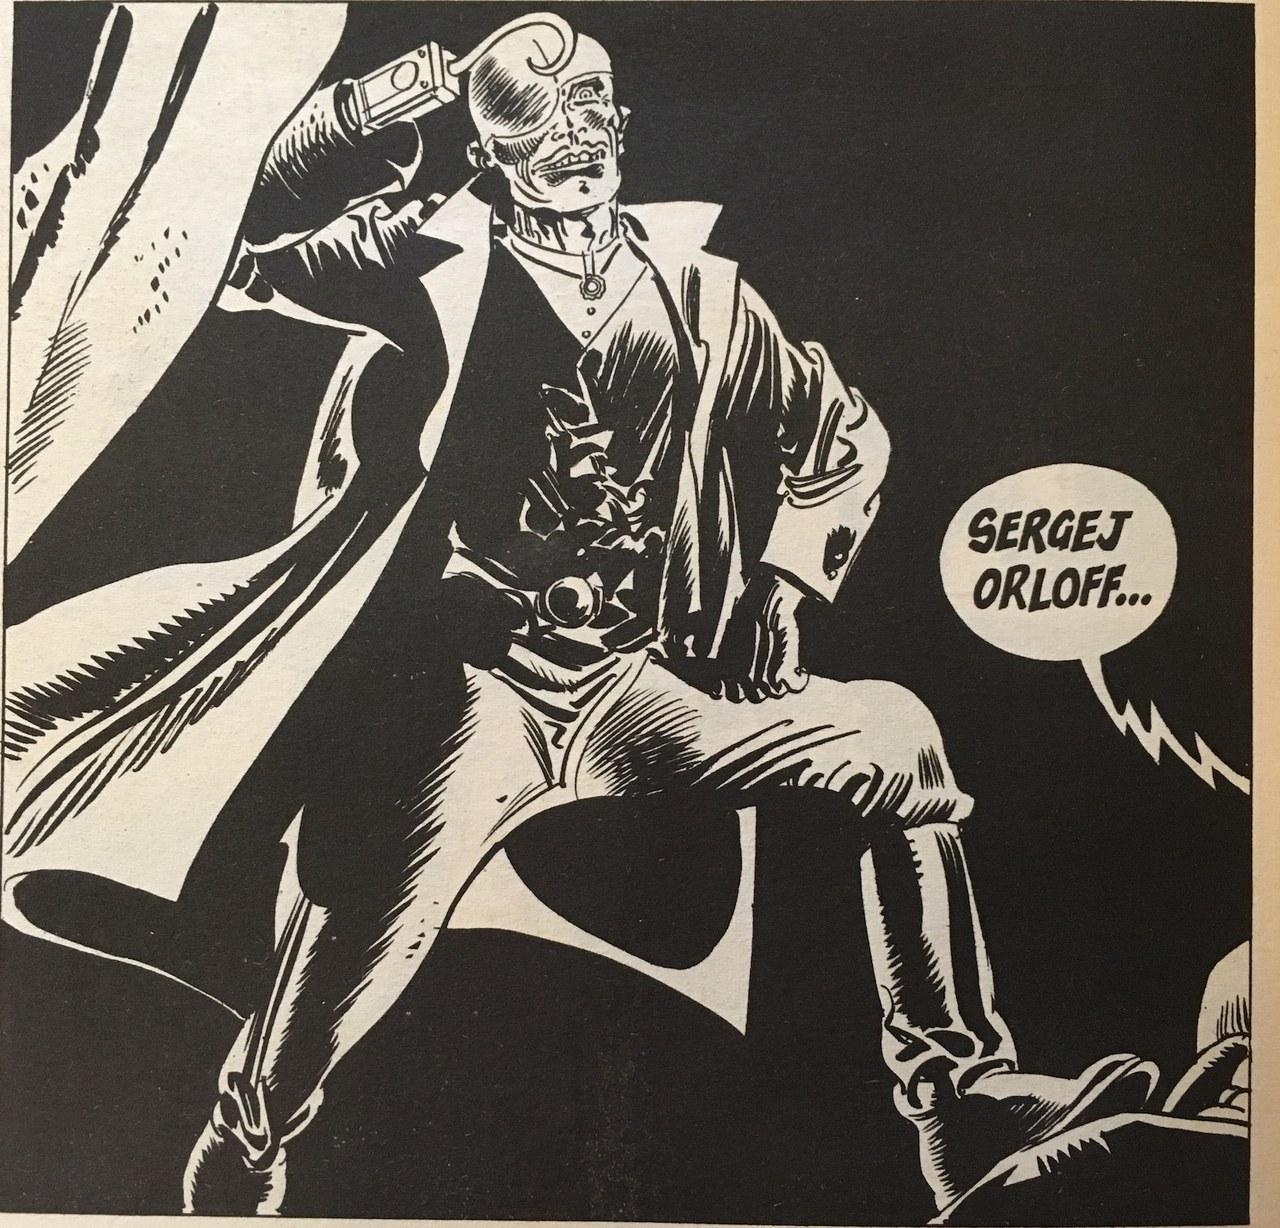 Orloff, stereotipico criminale